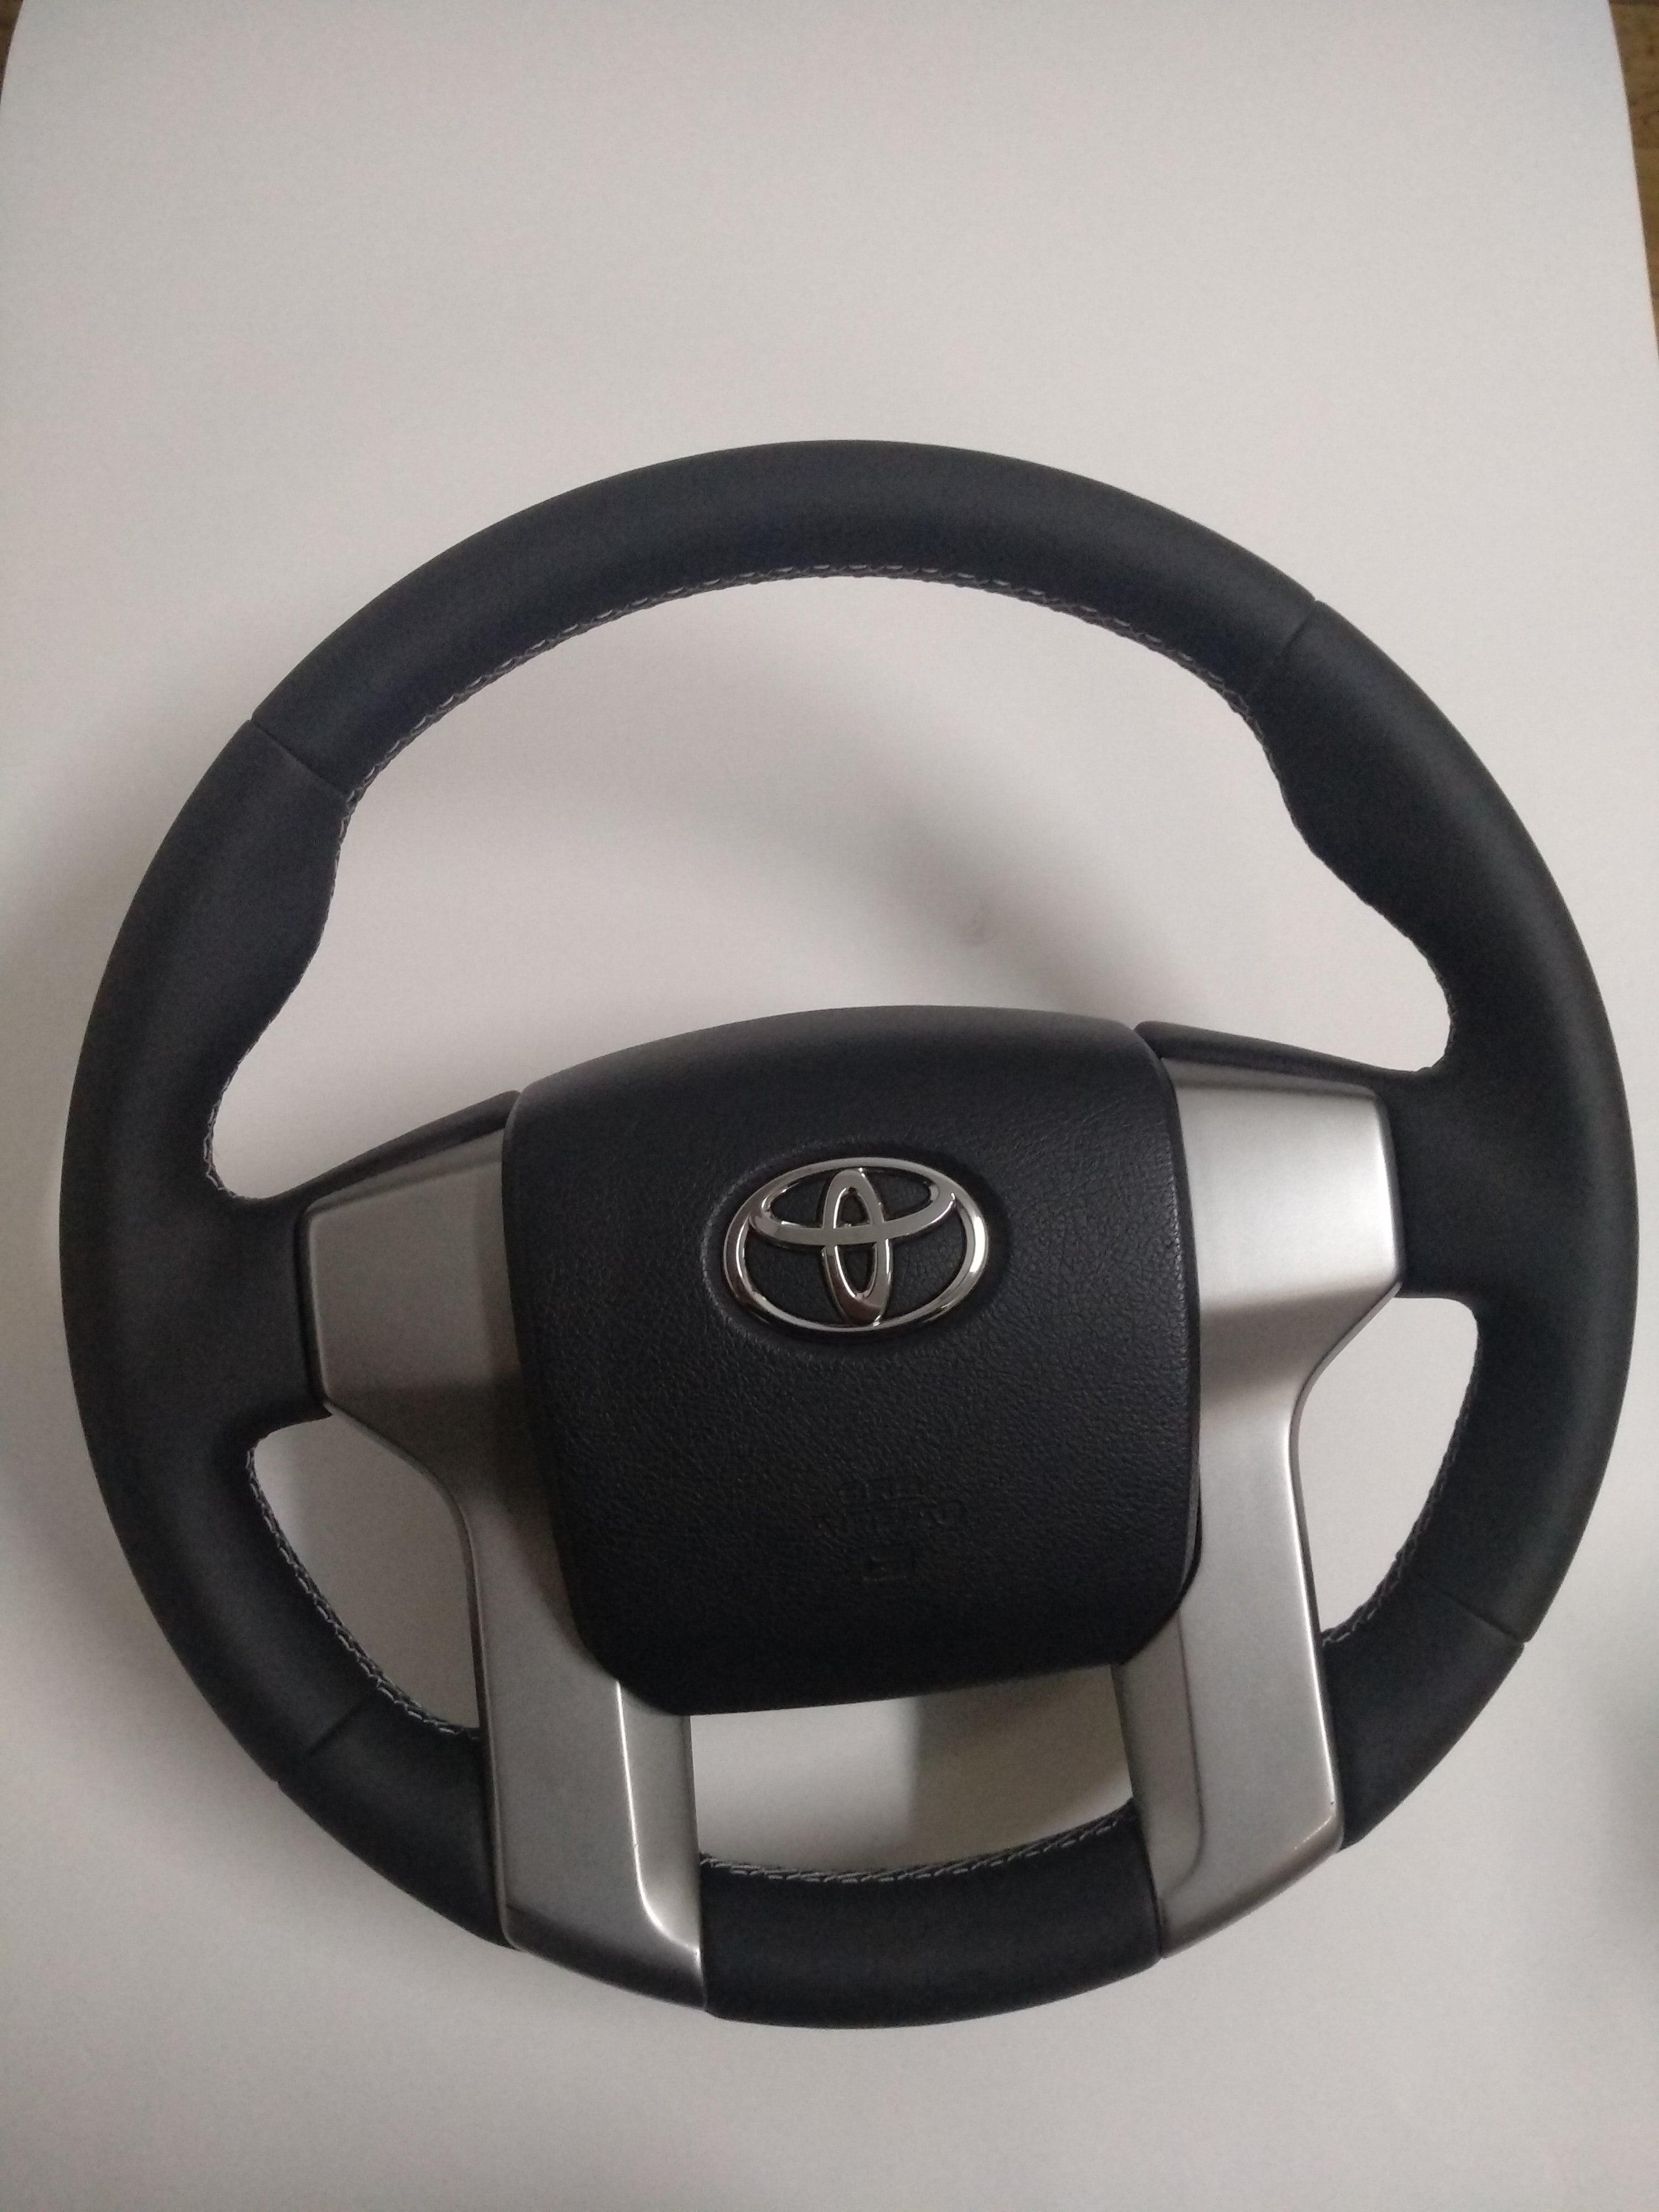 перетяжка руля Toyota, Тойота